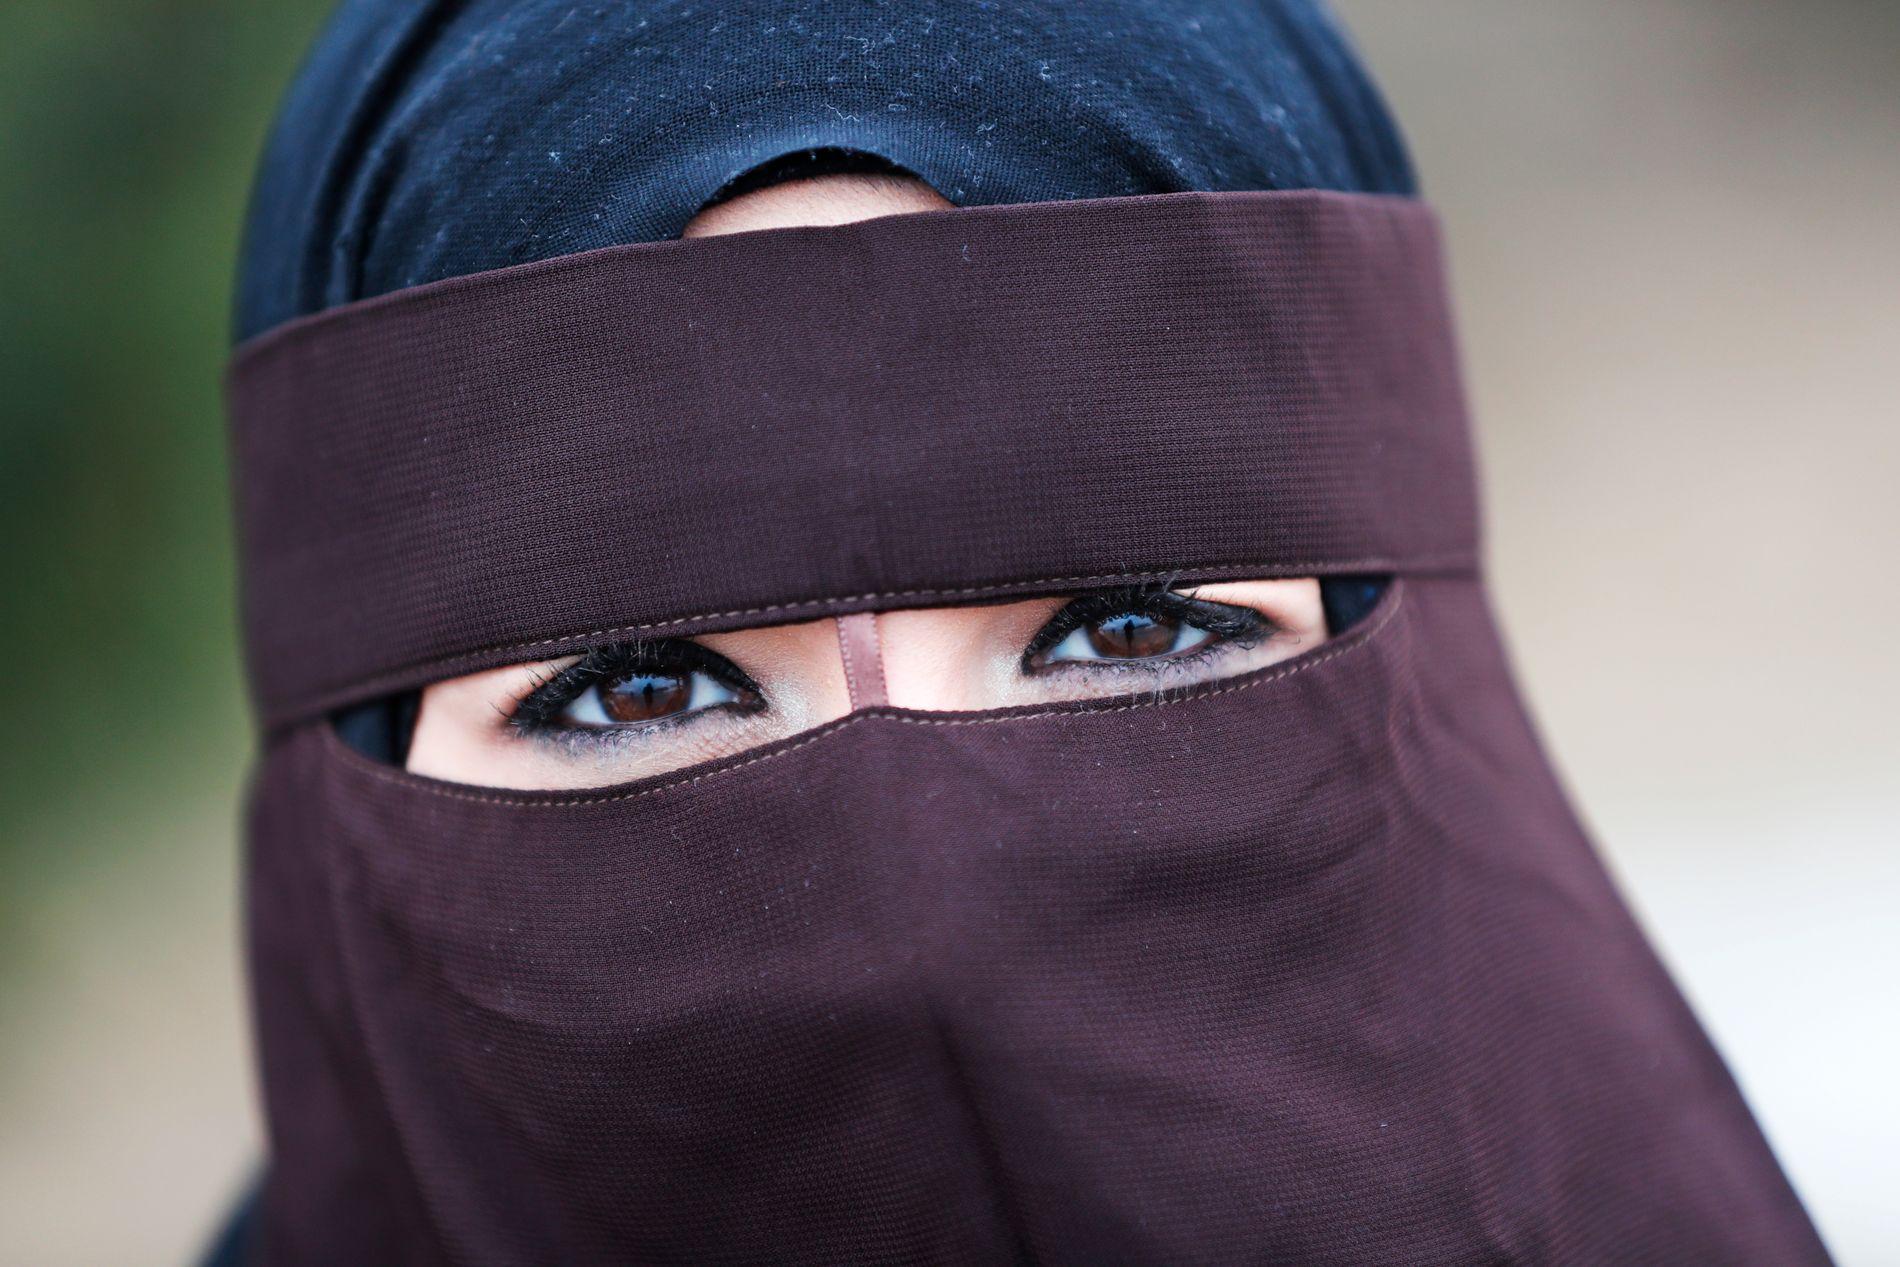 NASJONALT FORBUD: Fem dager etter at Danmark innførte forbud mot å bære burka og nikab i offentlige rom, vedtok Stortinget forbud mot plaggene i undervisningssituasjoner.